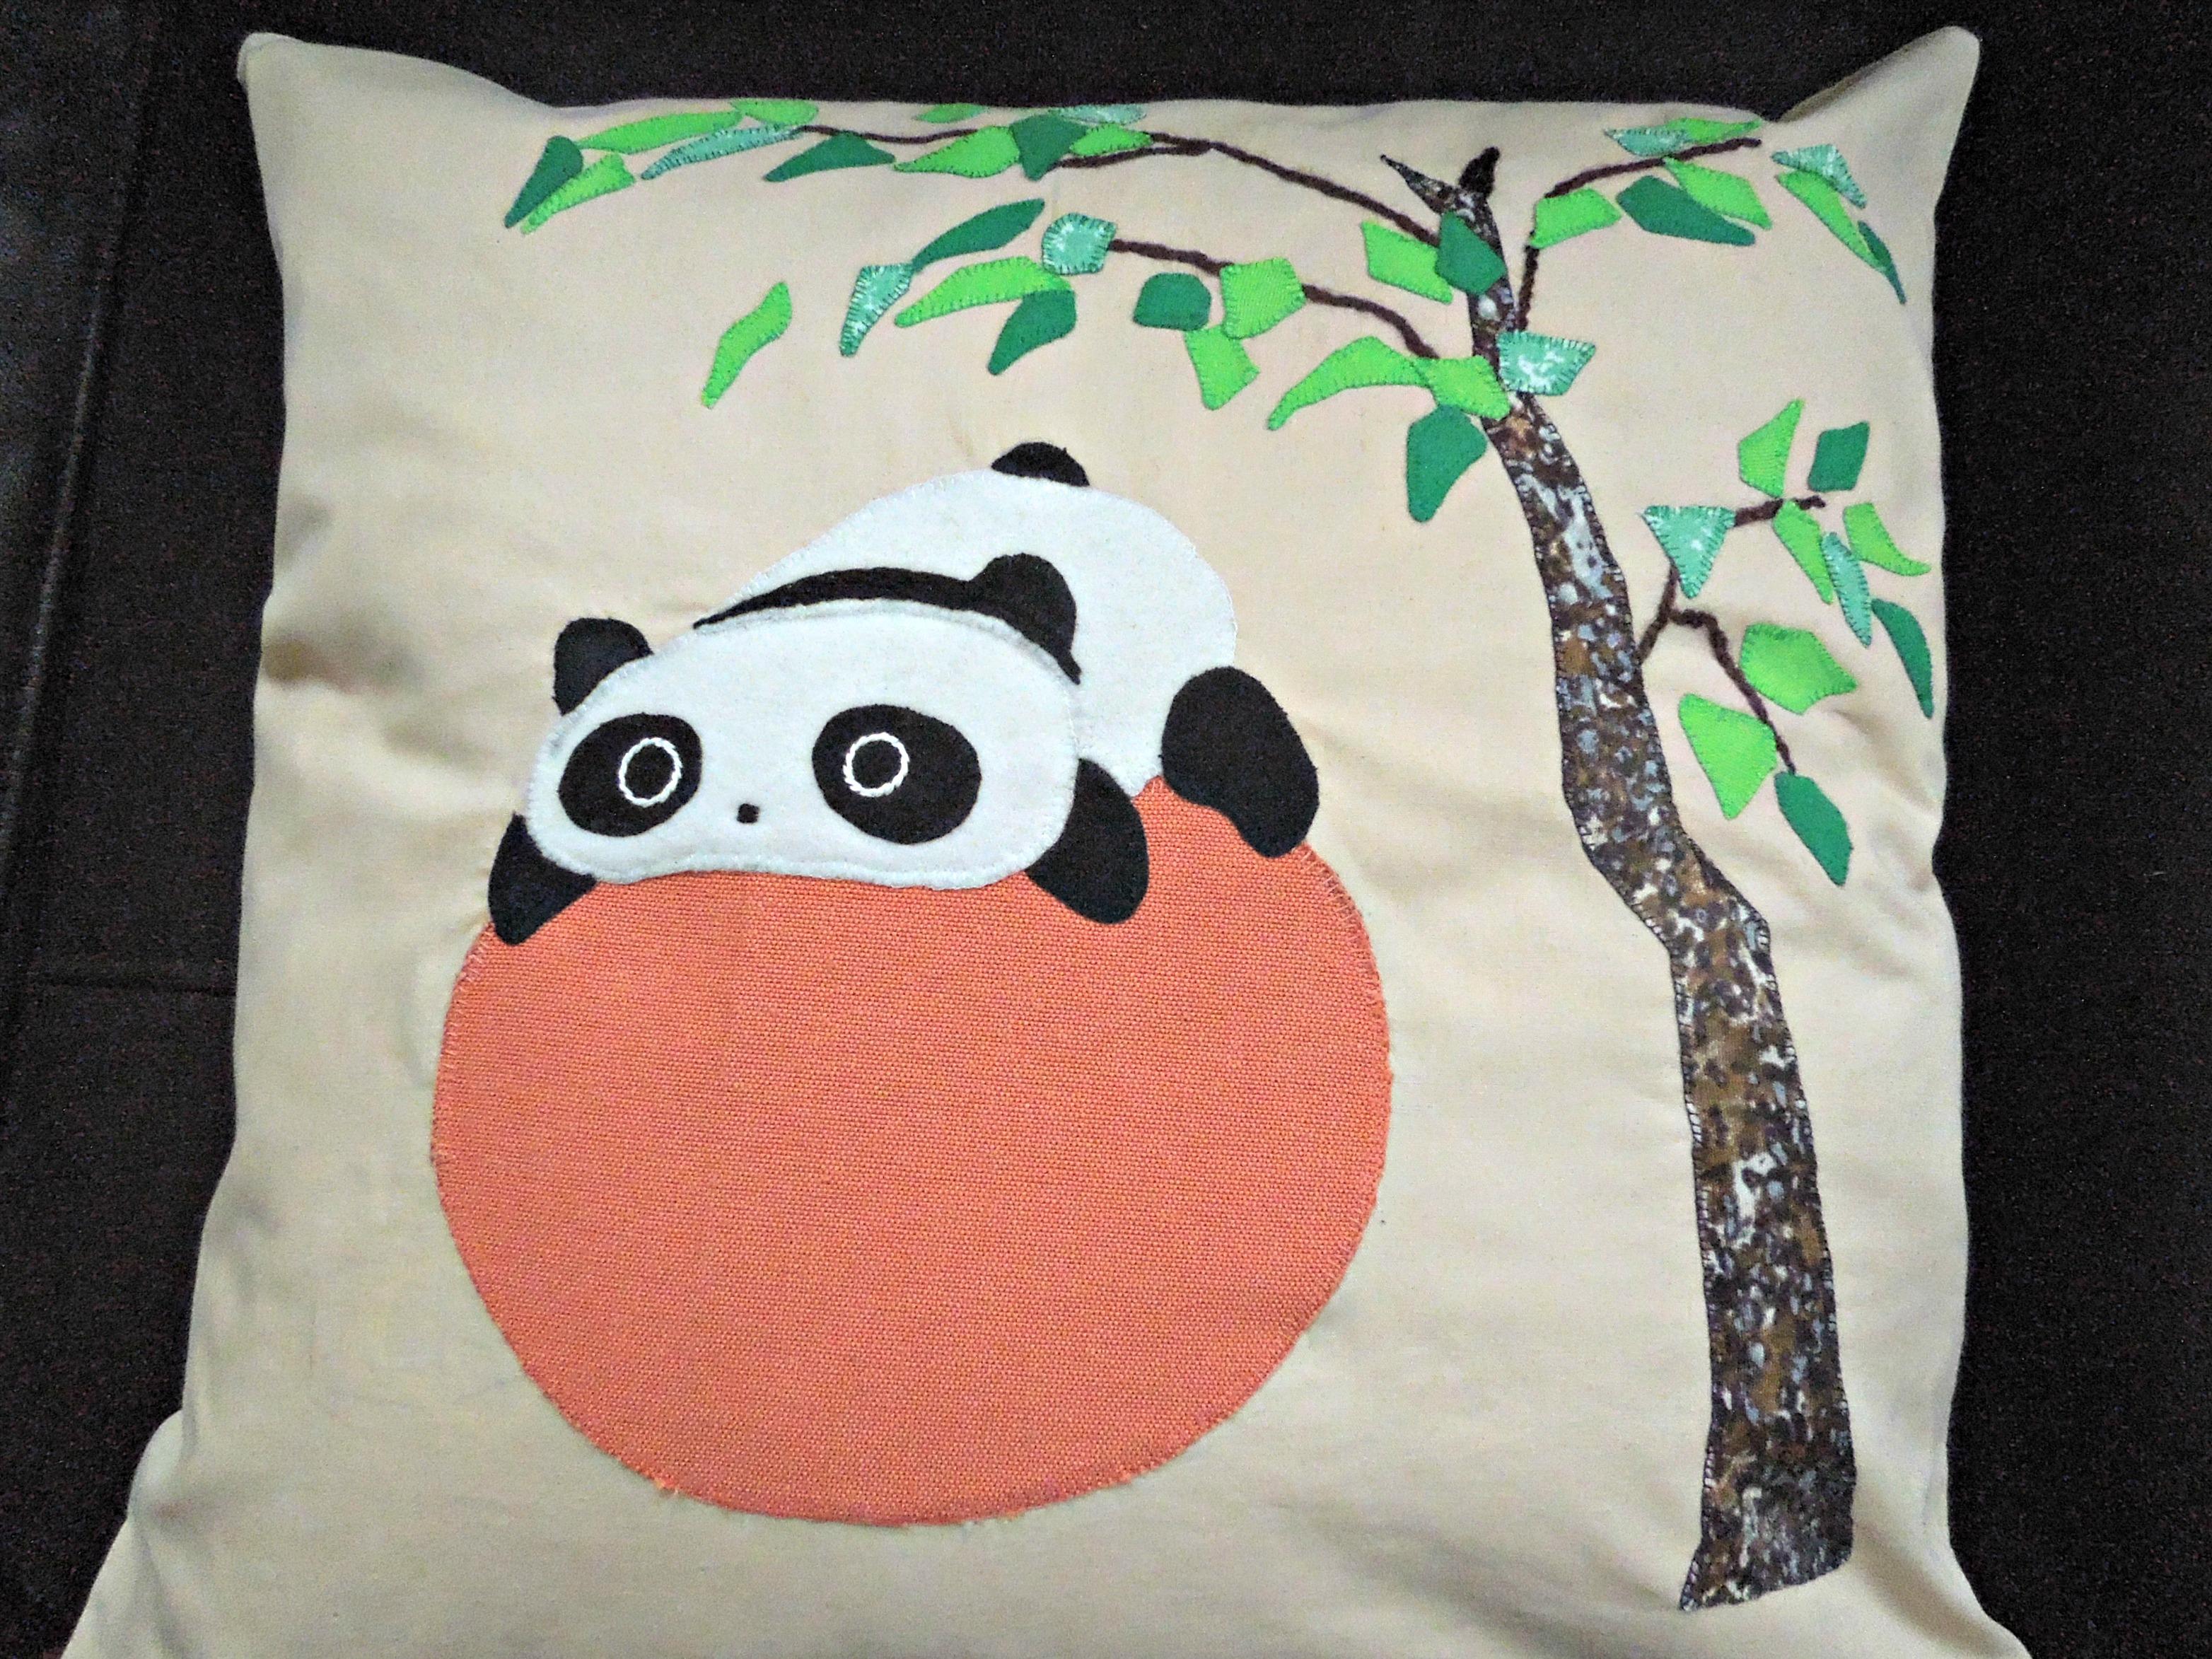 Cute Panda Pillow : Cute Panda on a Ball cushion cover by Pandalanda on DeviantArt